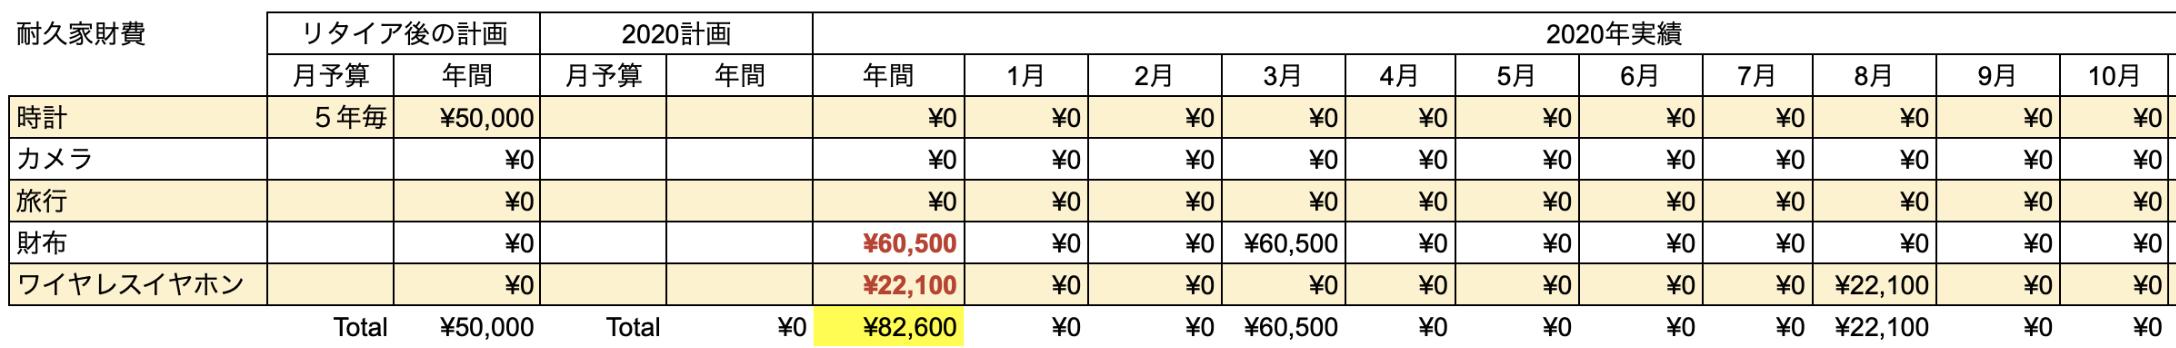 支出実績2020_10月_耐久家財費